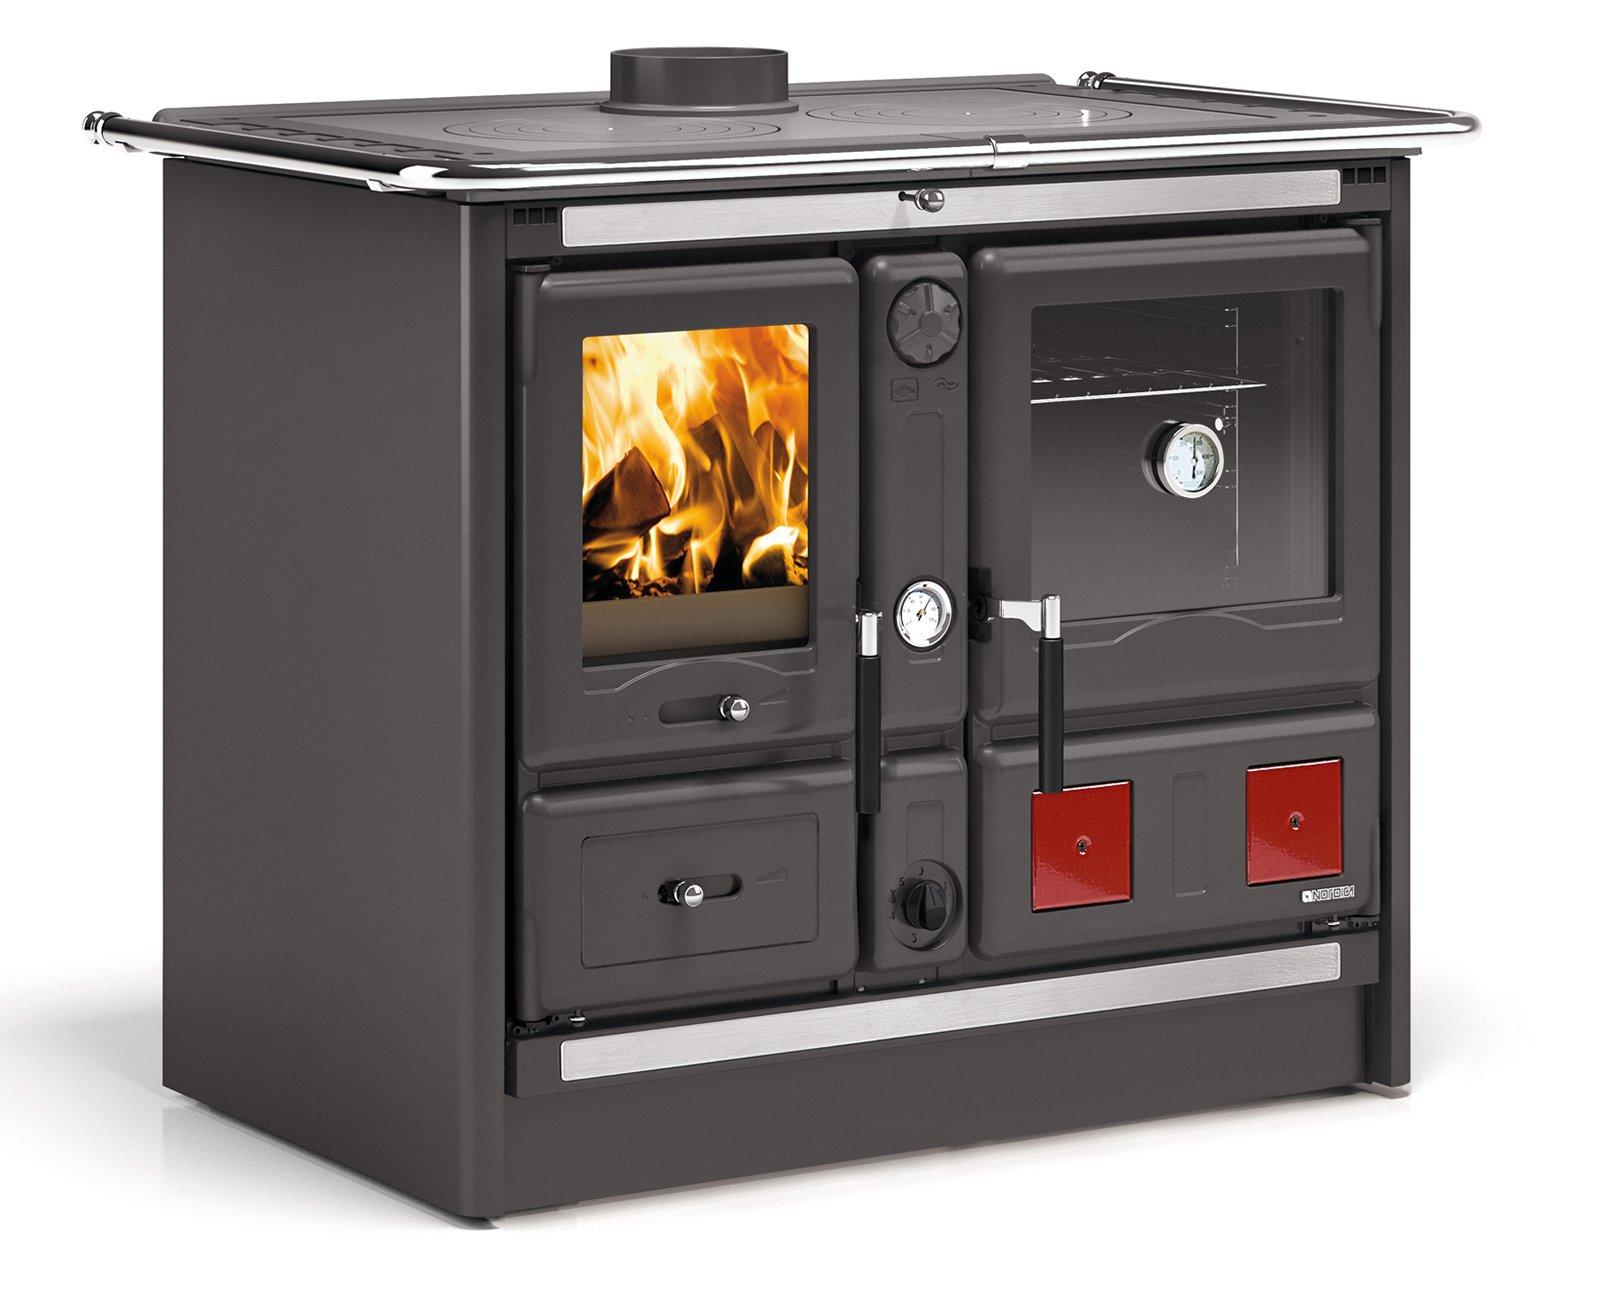 Aerazione forzata recuperatore di calore stufe pellet for Vendita cucine a legna usate